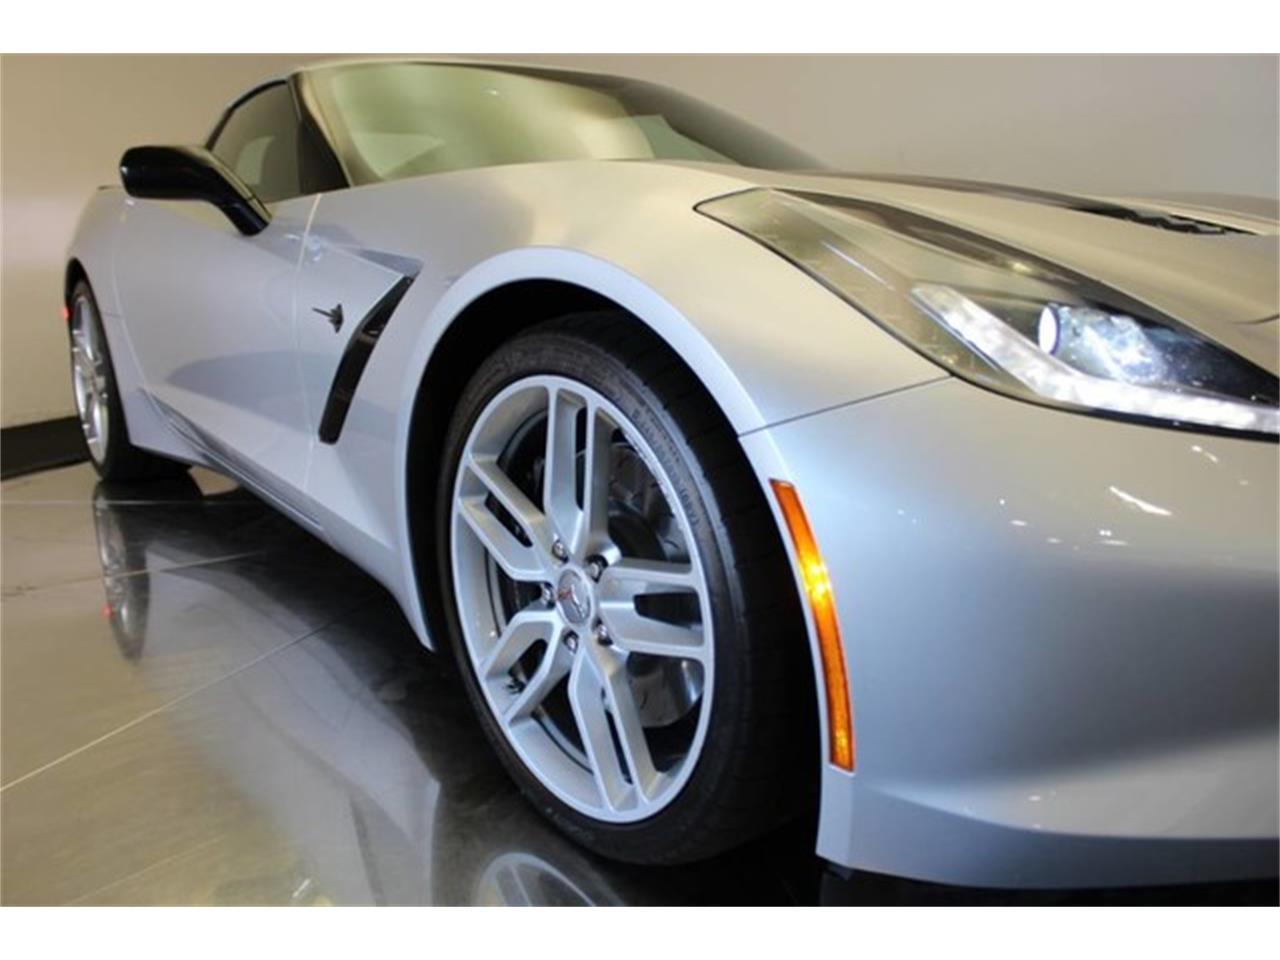 2019 Chevrolet Corvette (CC-1394213) for sale in Anaheim, California